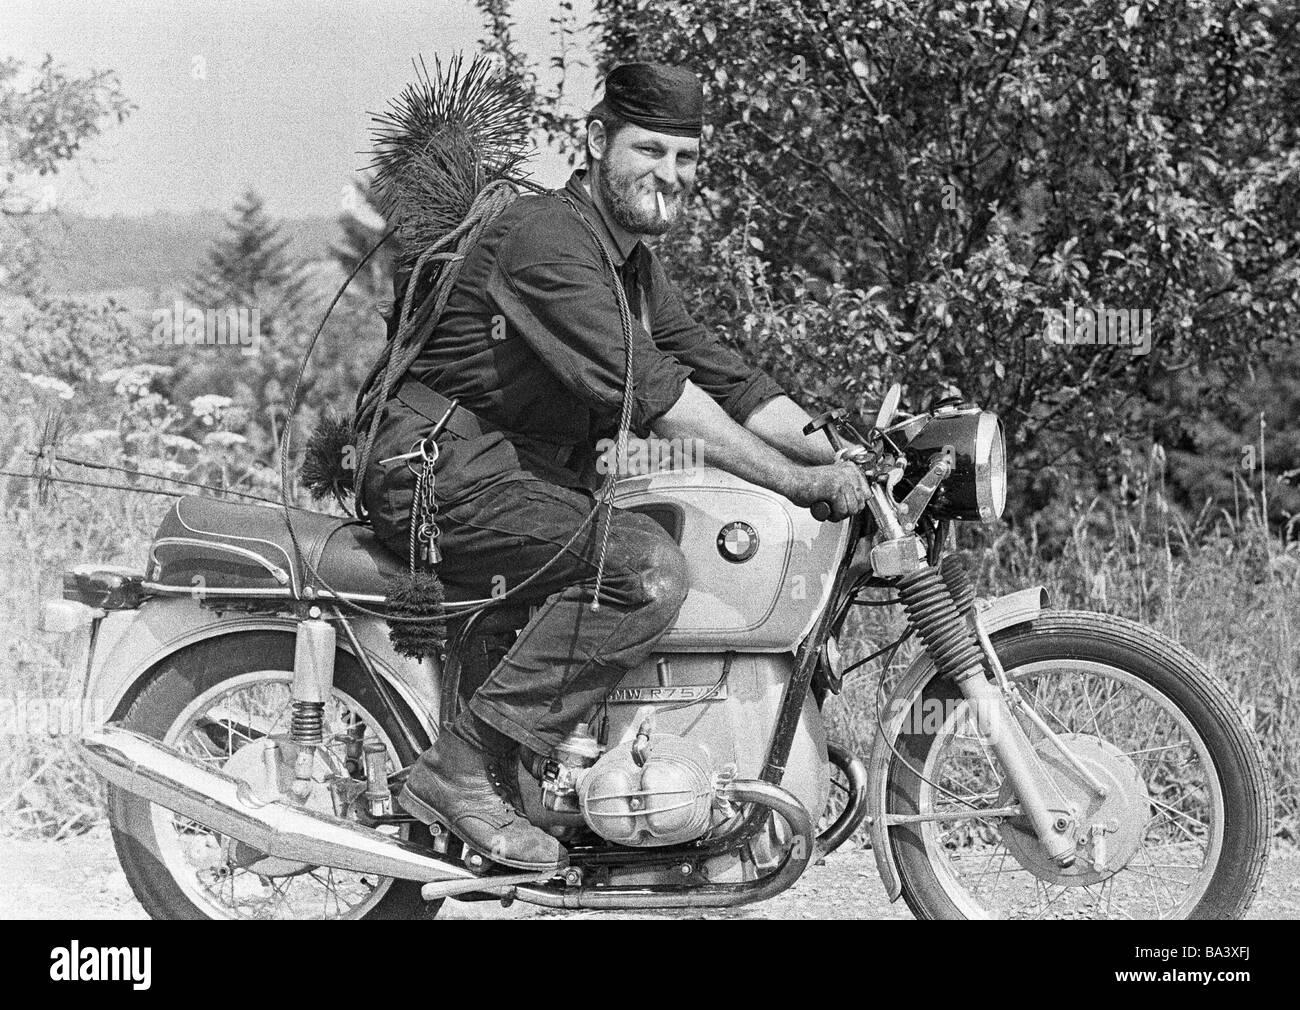 Negli anni settanta, foto in bianco e nero, business, spazzacamino unità su una moto, mojo, età 30-40 Immagini Stock